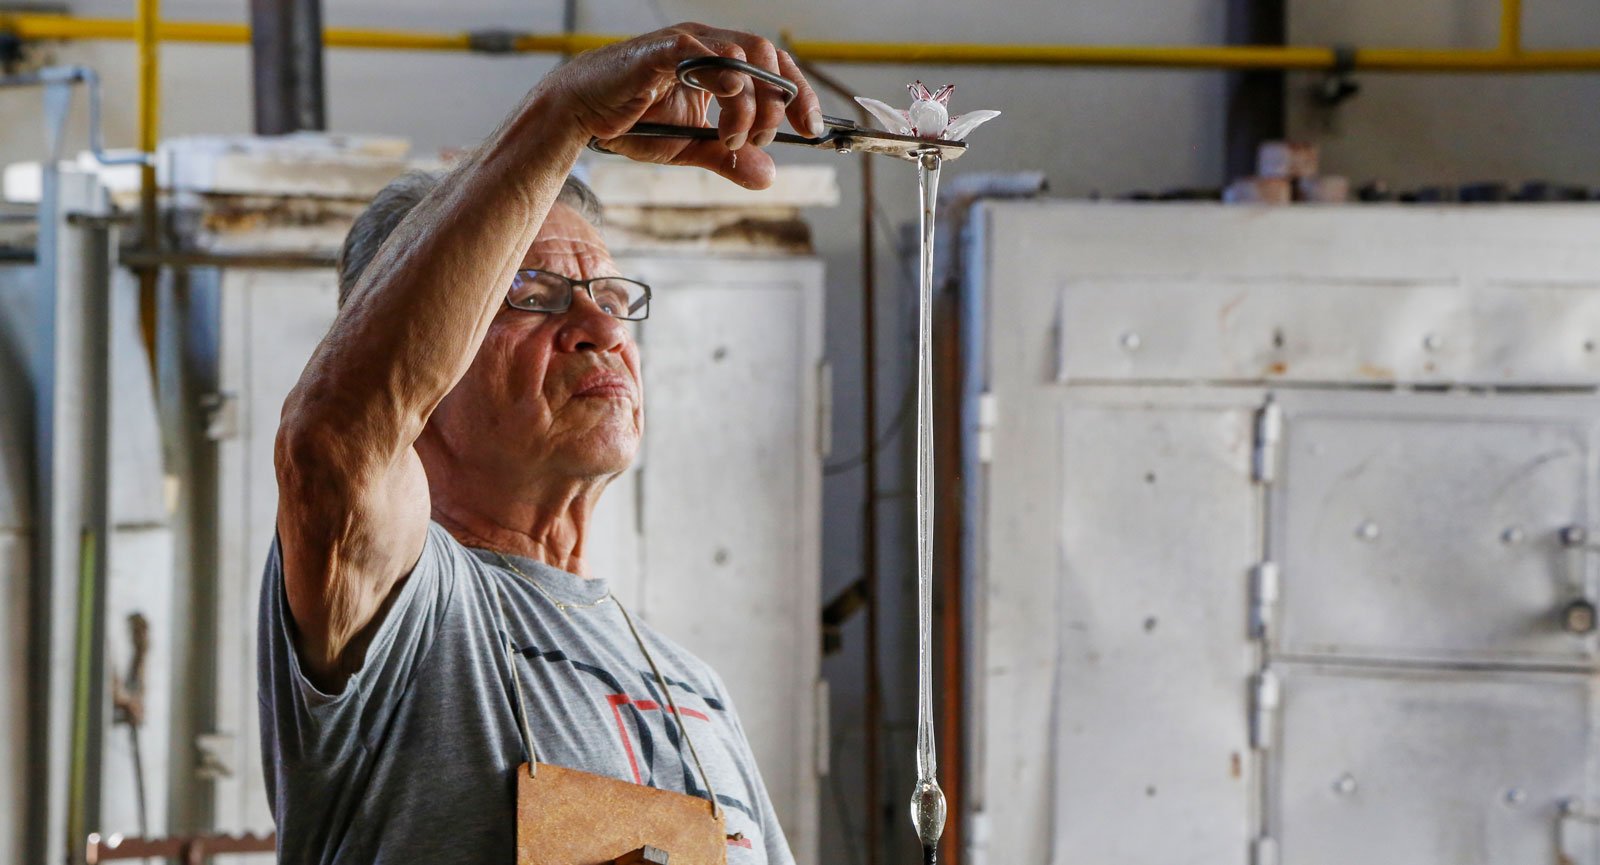 Glasfabriken Nenacovice blåser glas av högsta klass och det är häftigt att se hantverket på plats.